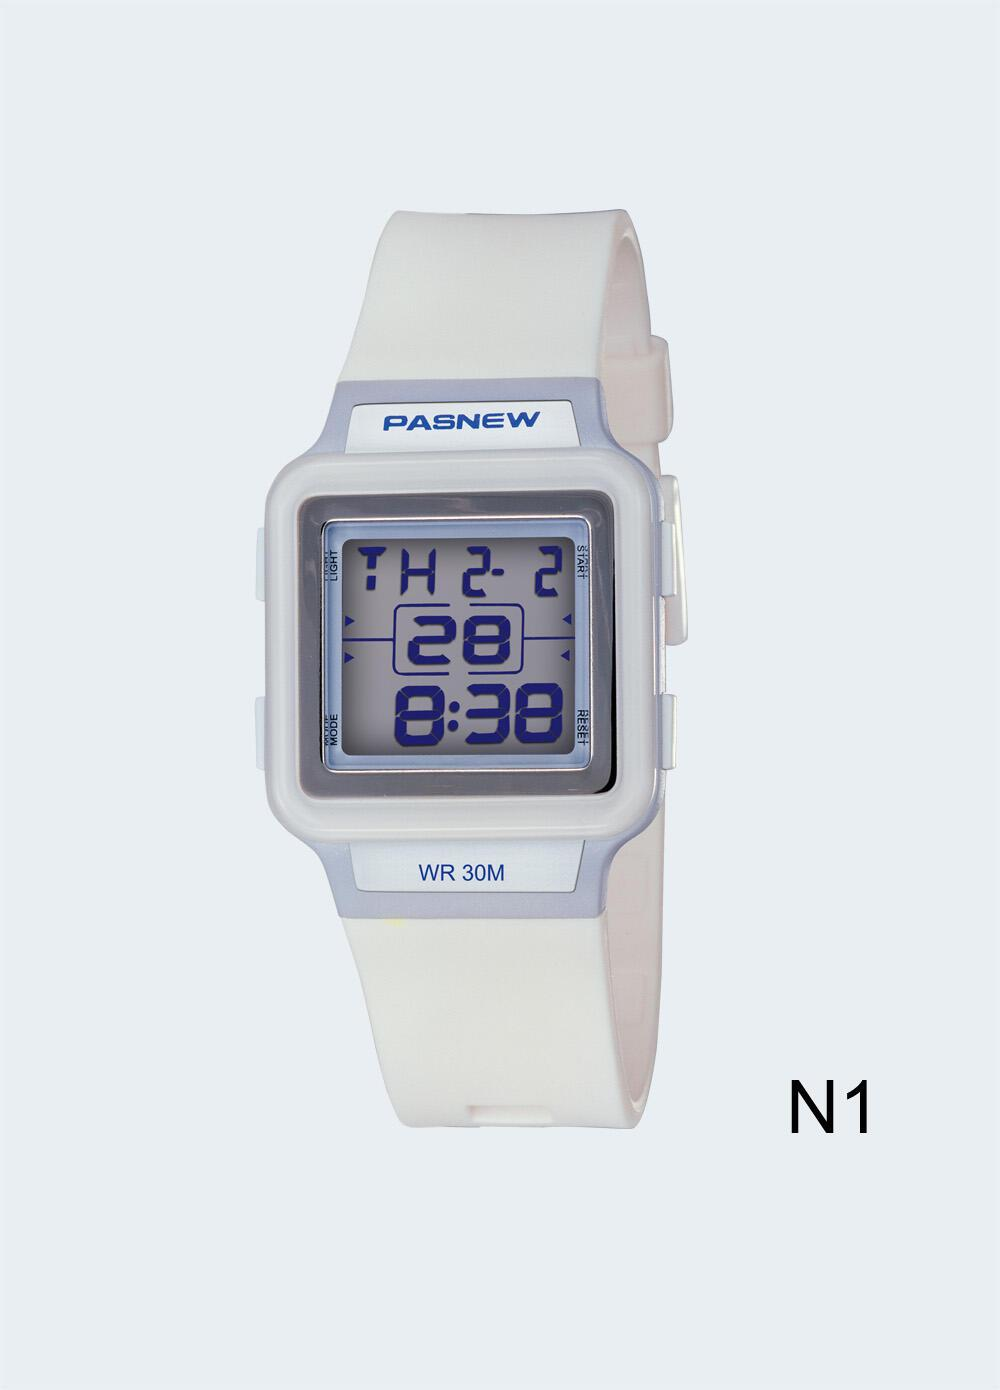 Đồng hồ thể thao thời trang PASNEW PSE-280